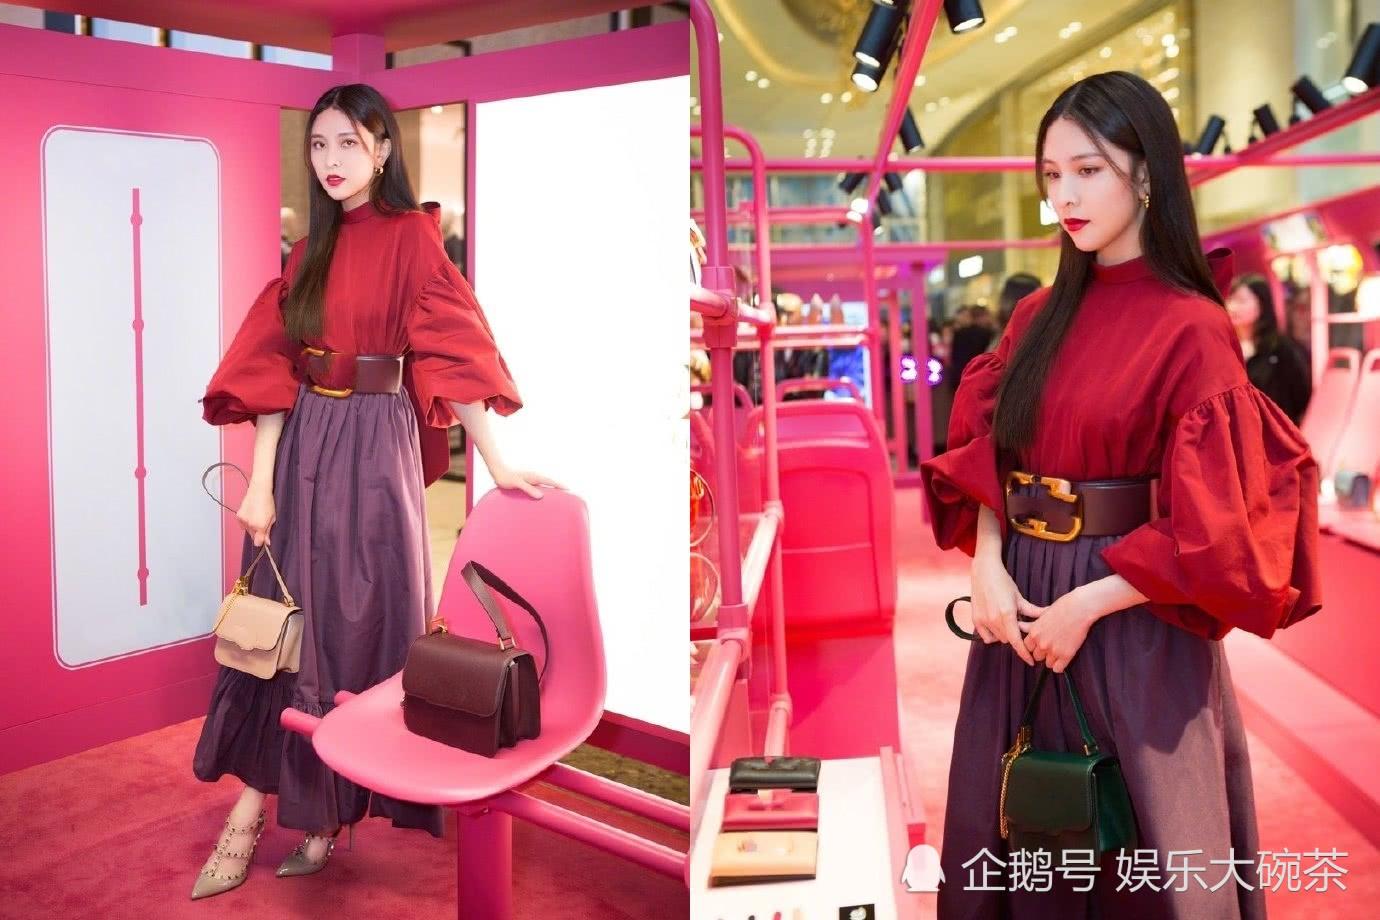 宋妍霏新造型驾驭的太完美了,红绿紫大胆配色化身复古摩登小仙女